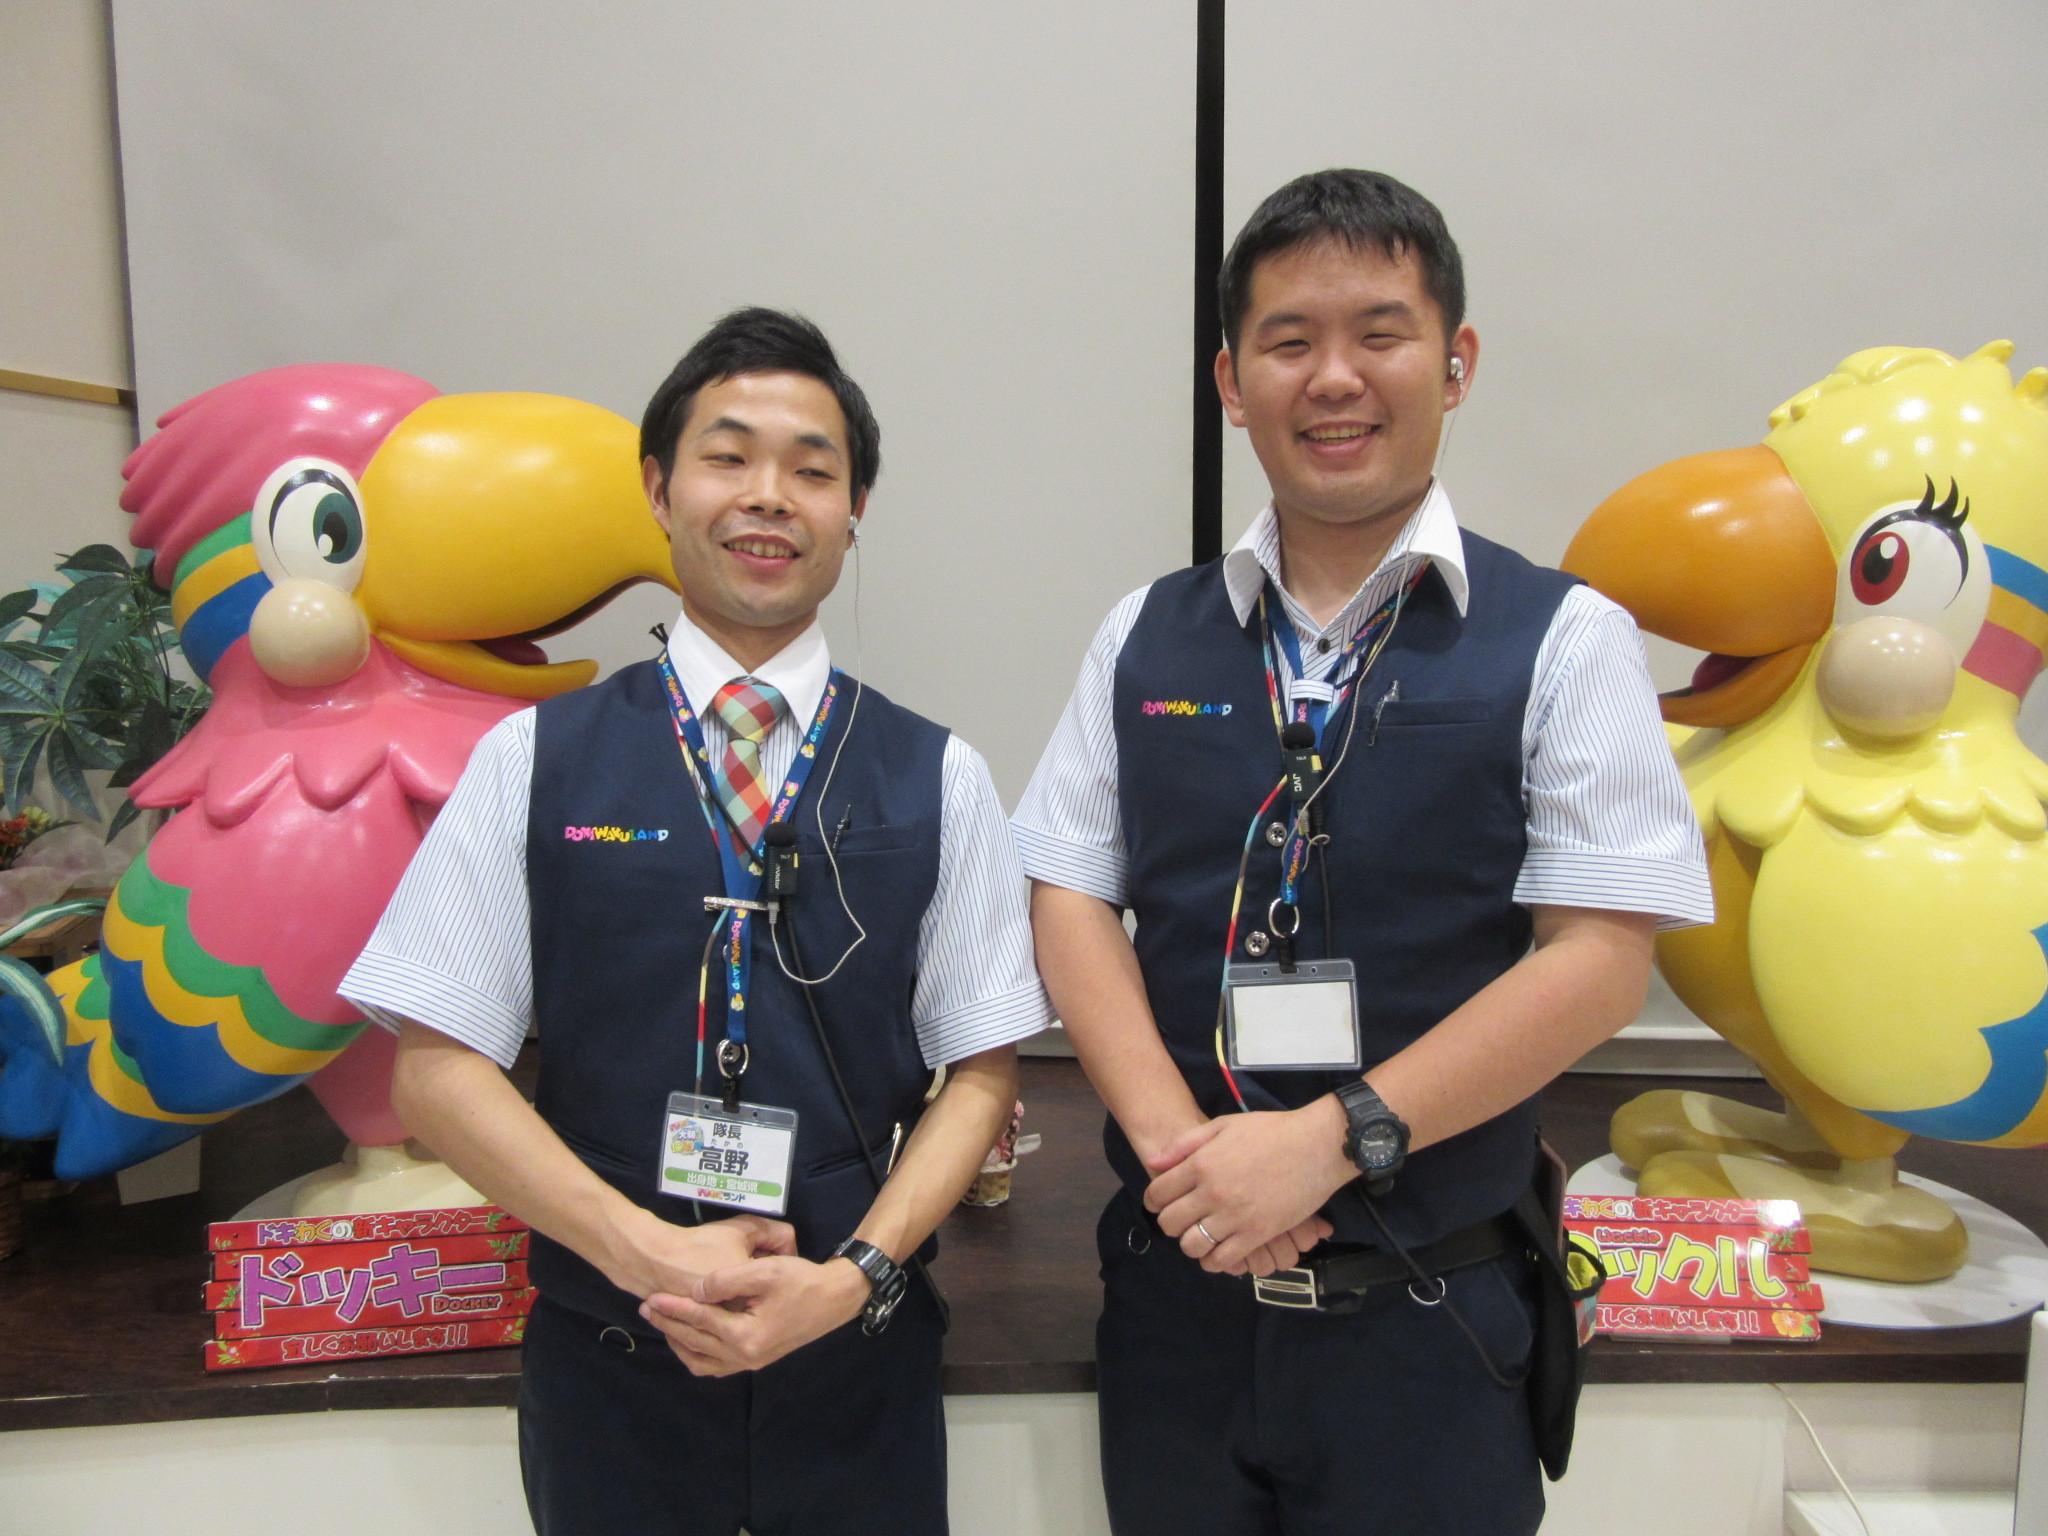 ドキわくランド 聖蹟桜ヶ丘店 のアルバイト情報